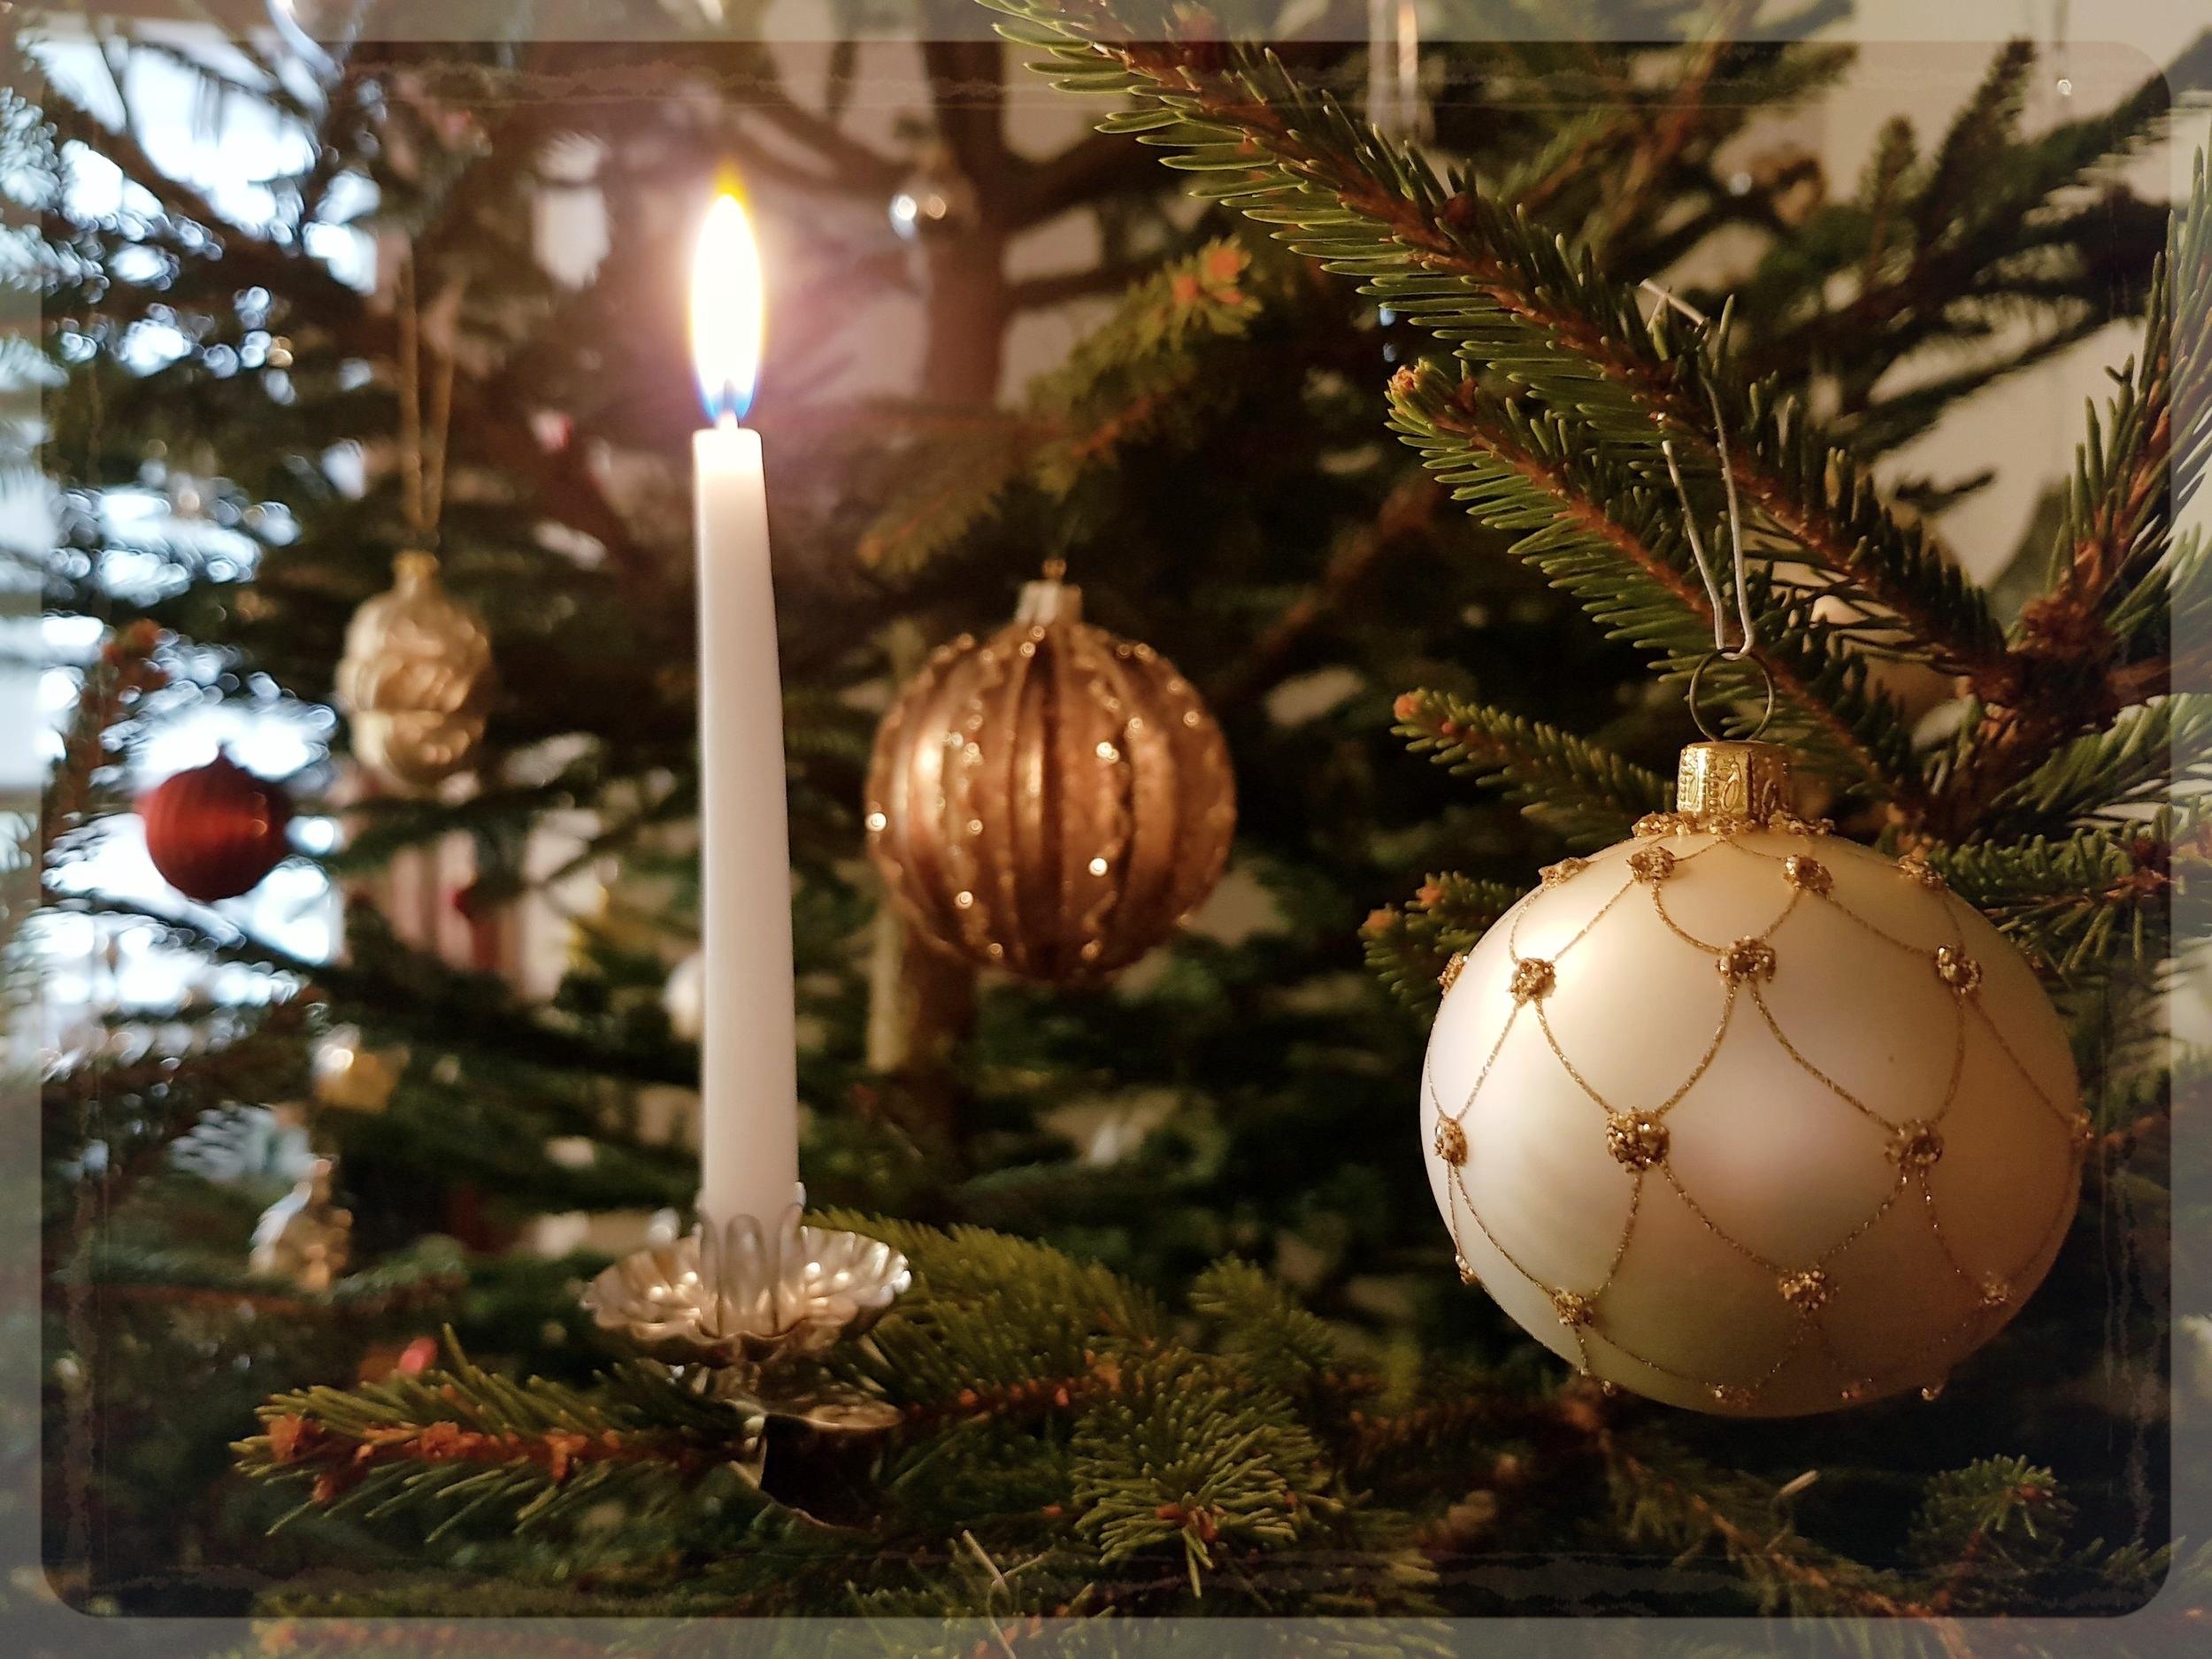 - Wir wünschen all unseren Freunden & Bekannten, Mitarbeitern & Kollegen, Partnern & Gästen ein gesegnetes Weihnachtsfest und wundervolle Weihnachtstage im Kreise Ihrer Liebsten.